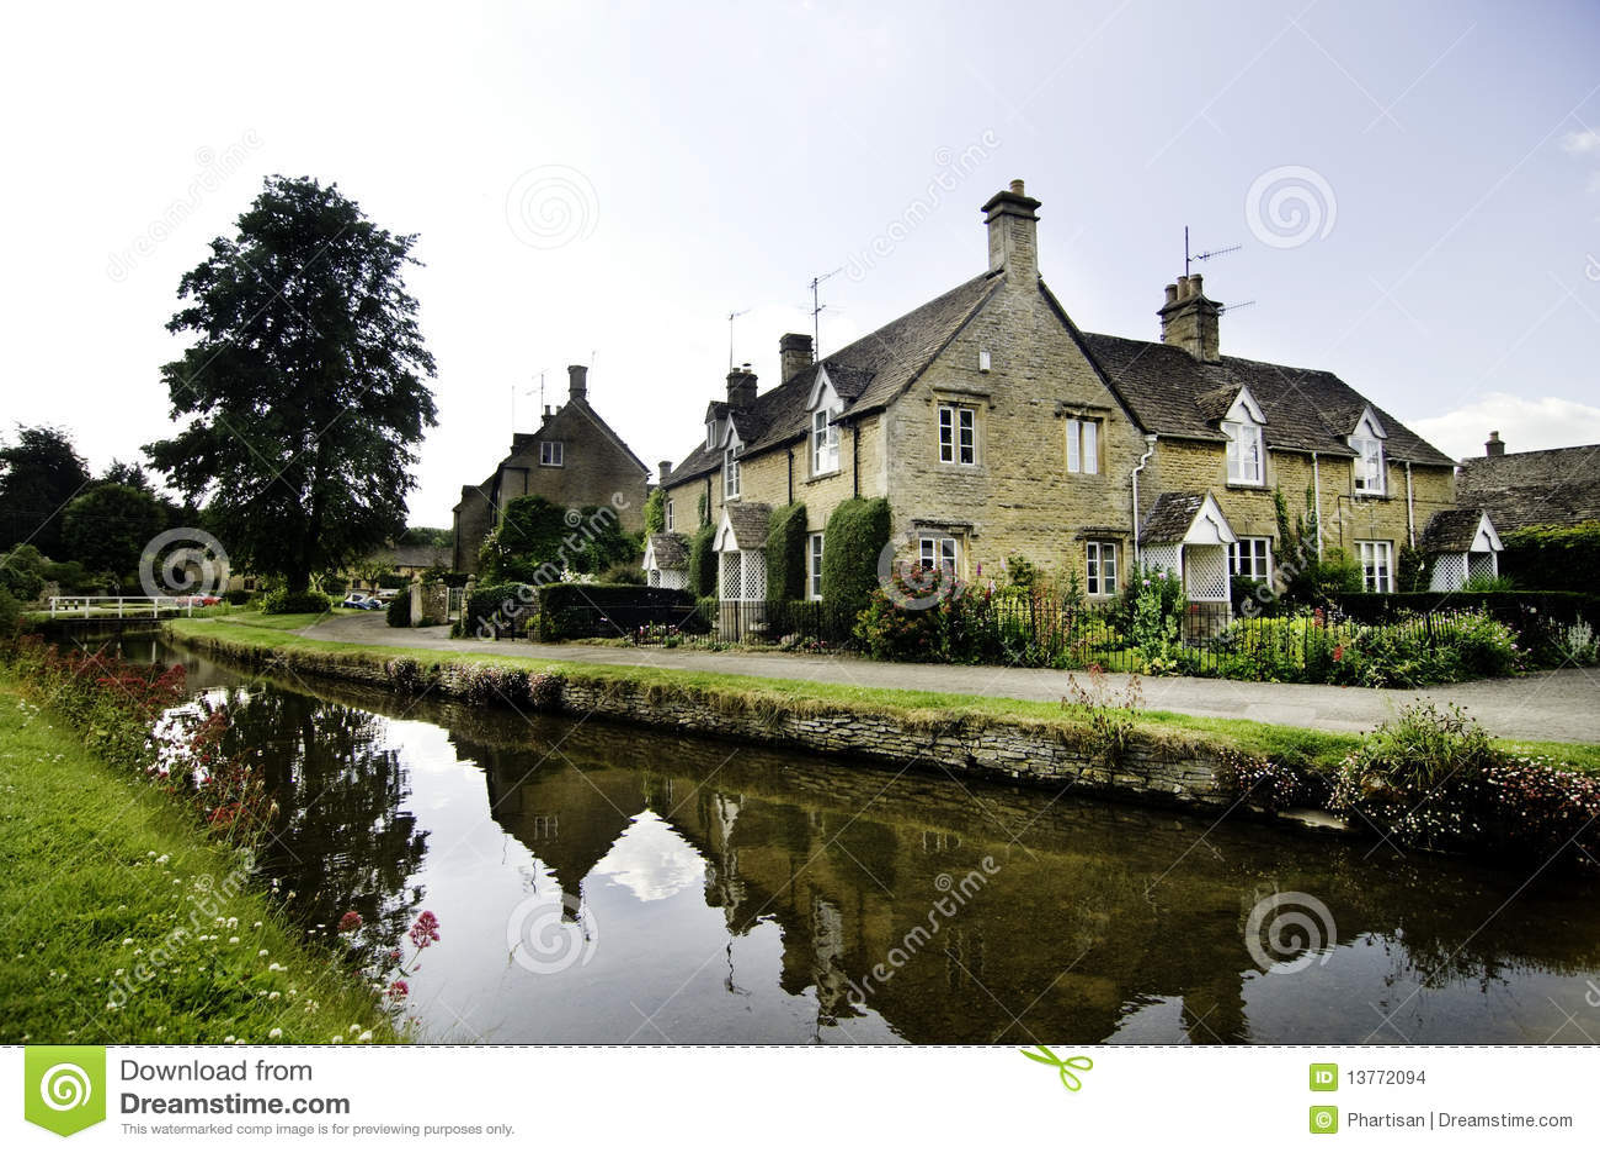 古老国家(地区)英国古雅城镇村庄